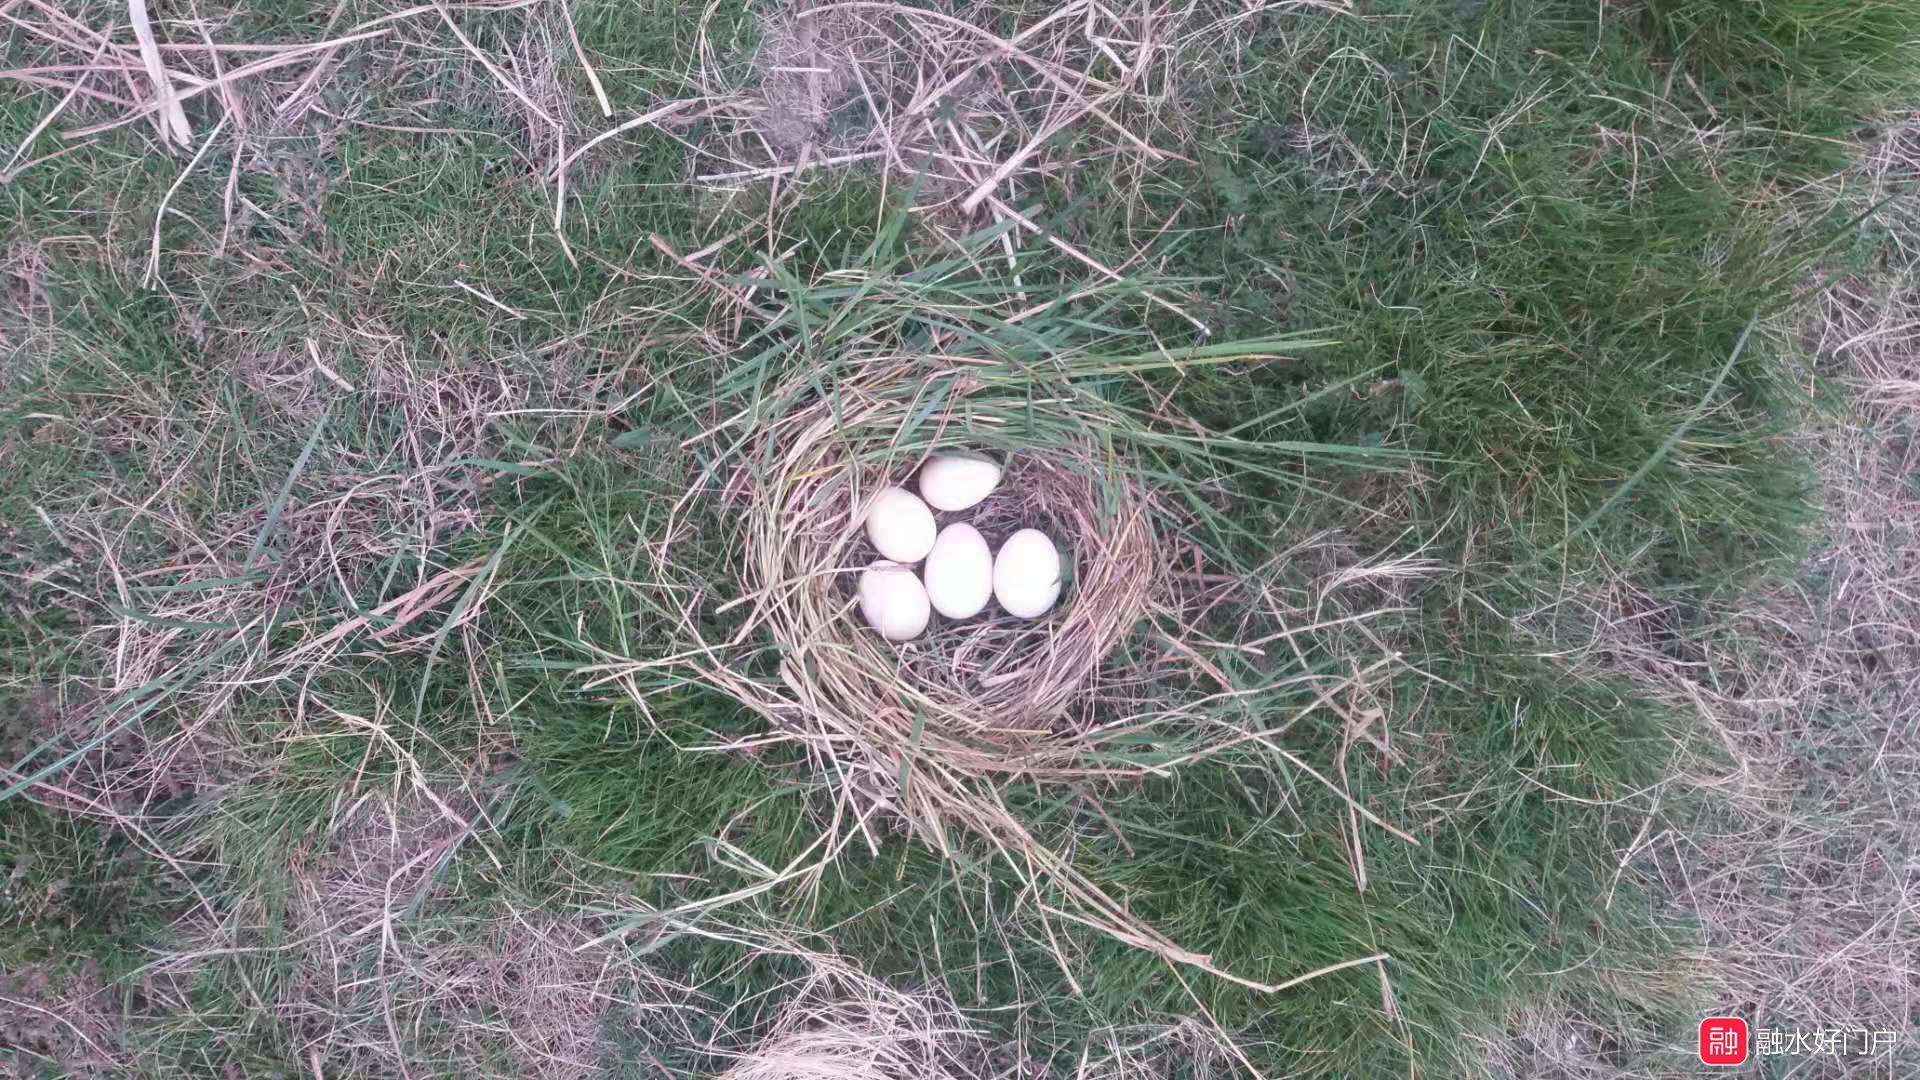 田野上的鸡蛋.jpg